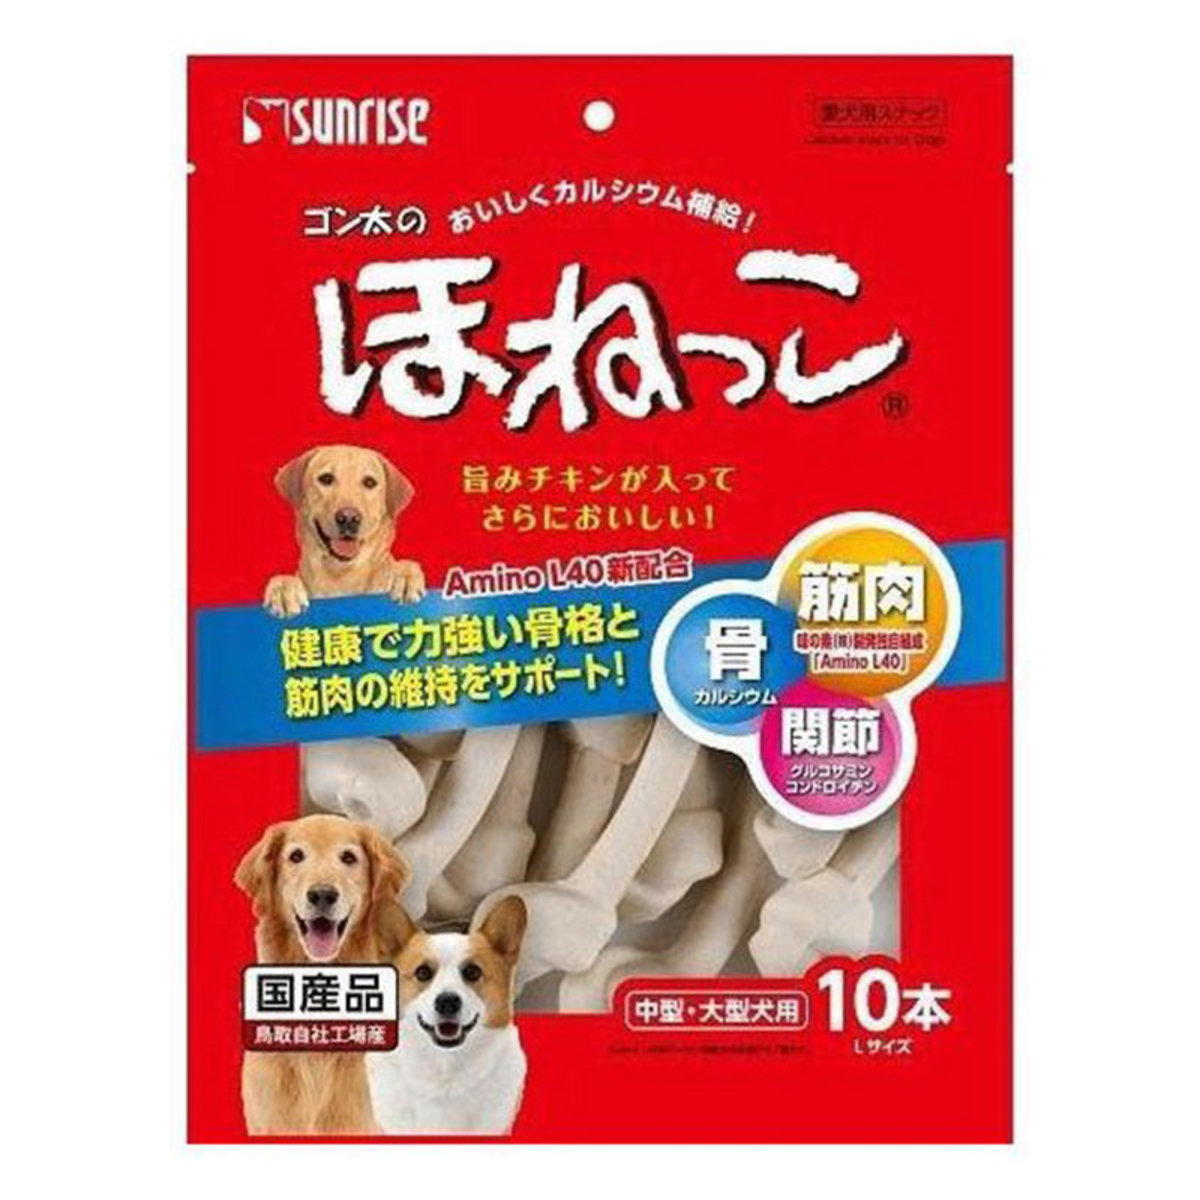 SSB017牛奶味牛骨粉牙石骨大10pc